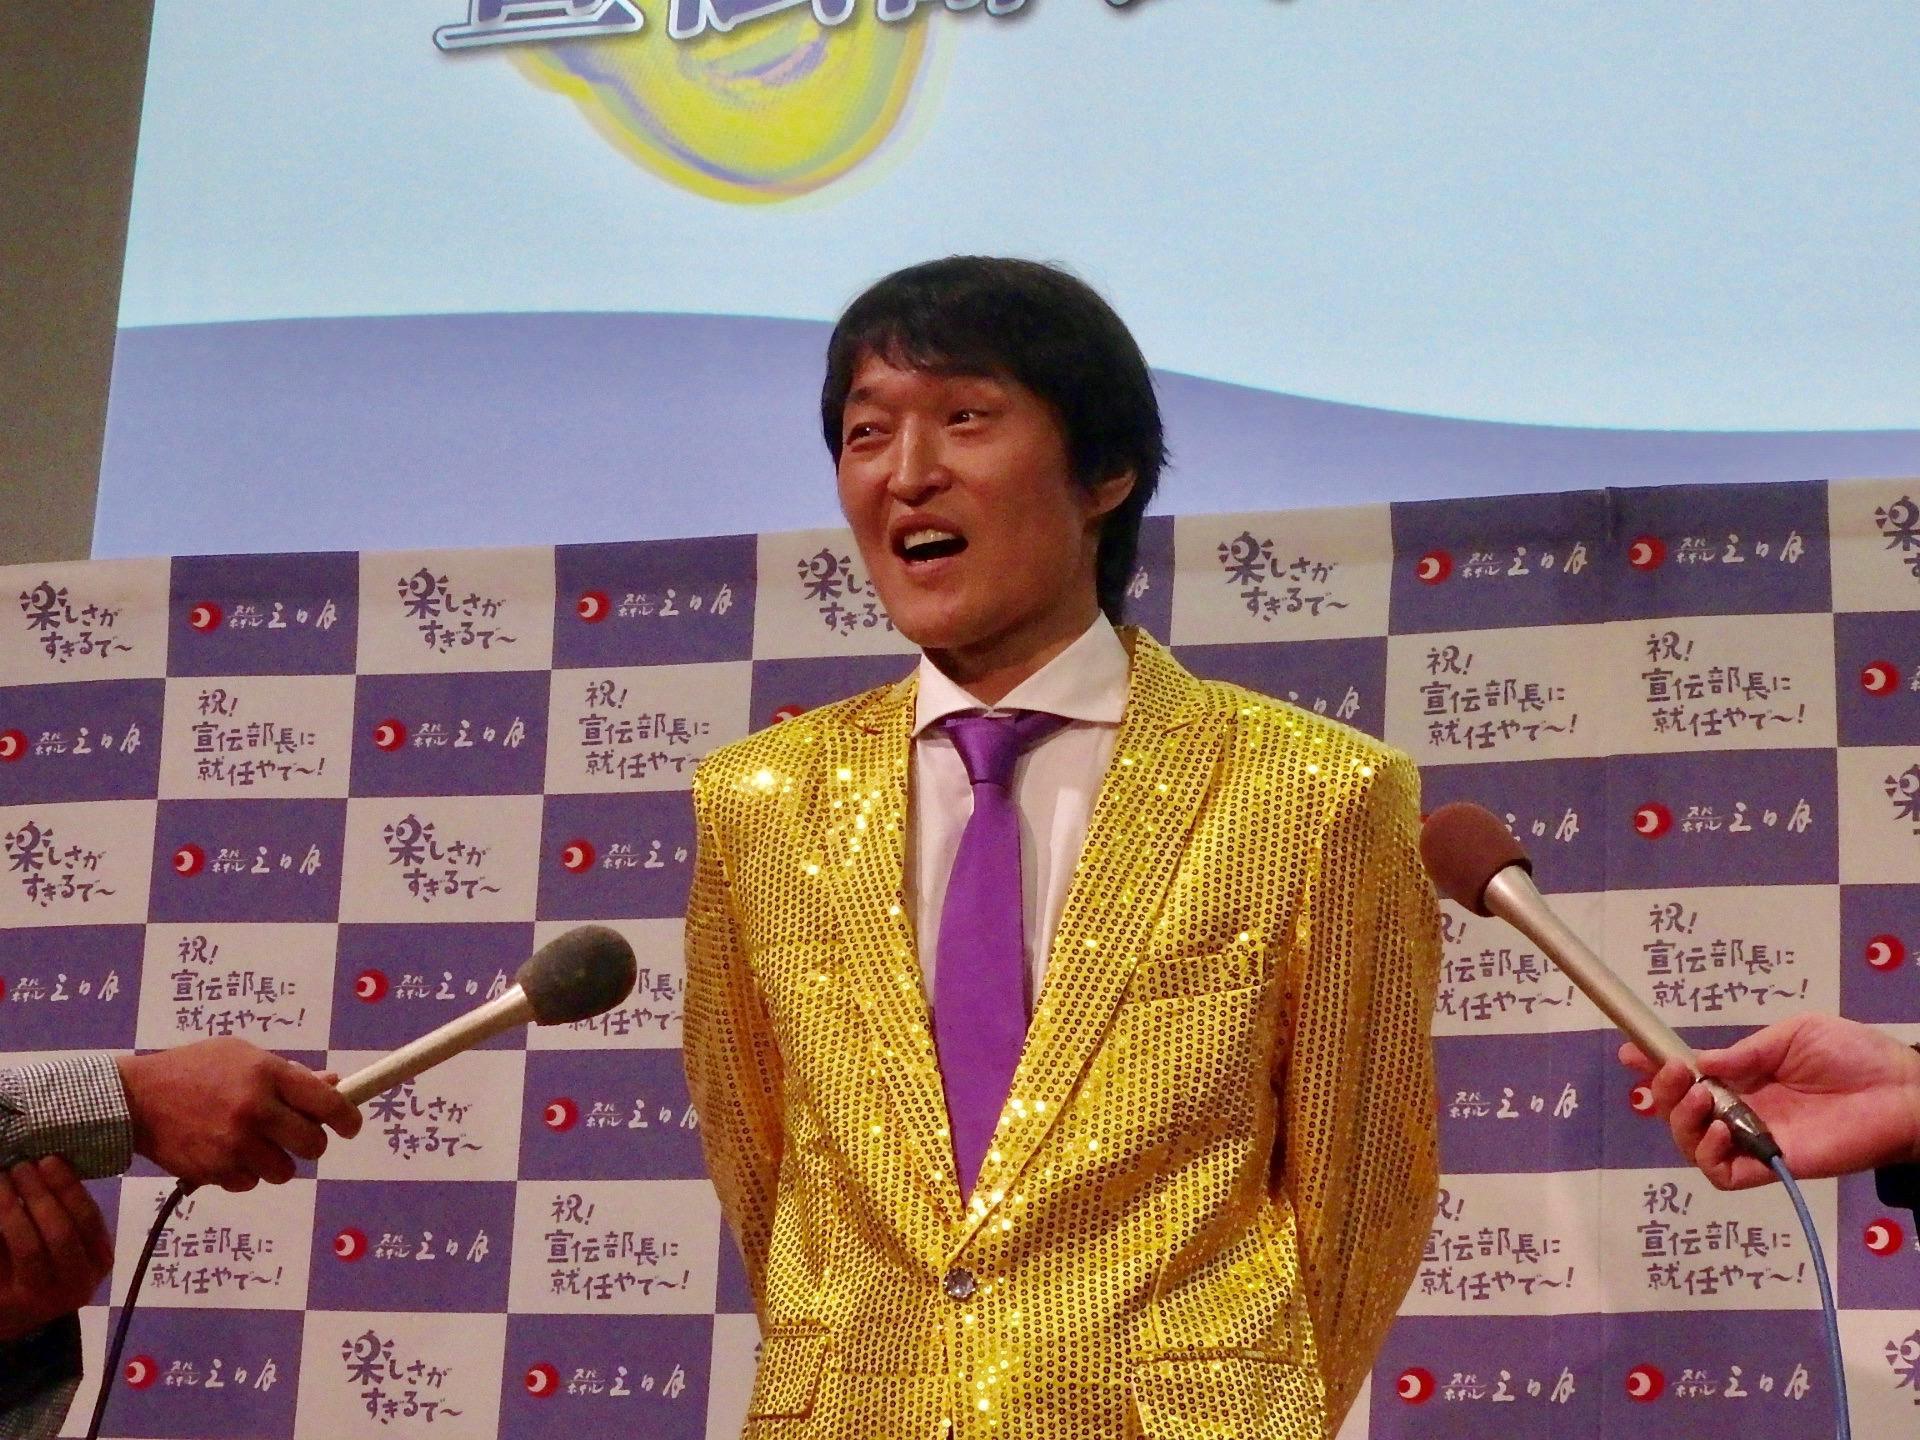 http://news.yoshimoto.co.jp/20180628202853-8459a704b7ba2e2e25f6801b70598bfd772fbcff.jpg